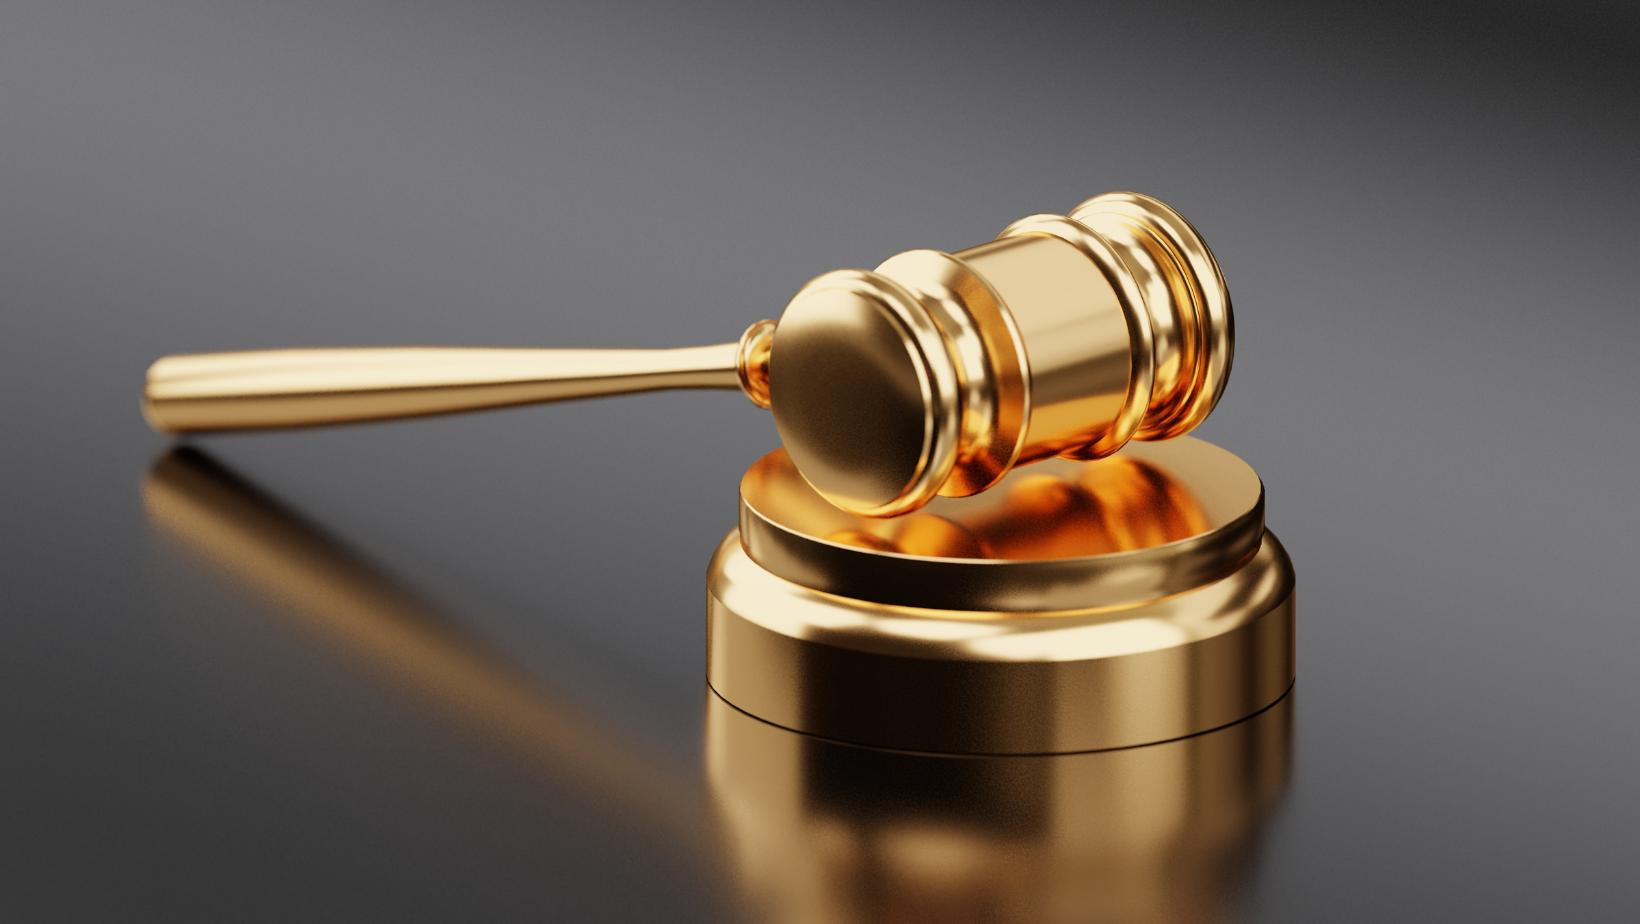 Женщины-депутаты обсудили предложения по изменению статей «Похищение лица с целью вступления в брак» и «Похищение человека» УК КР